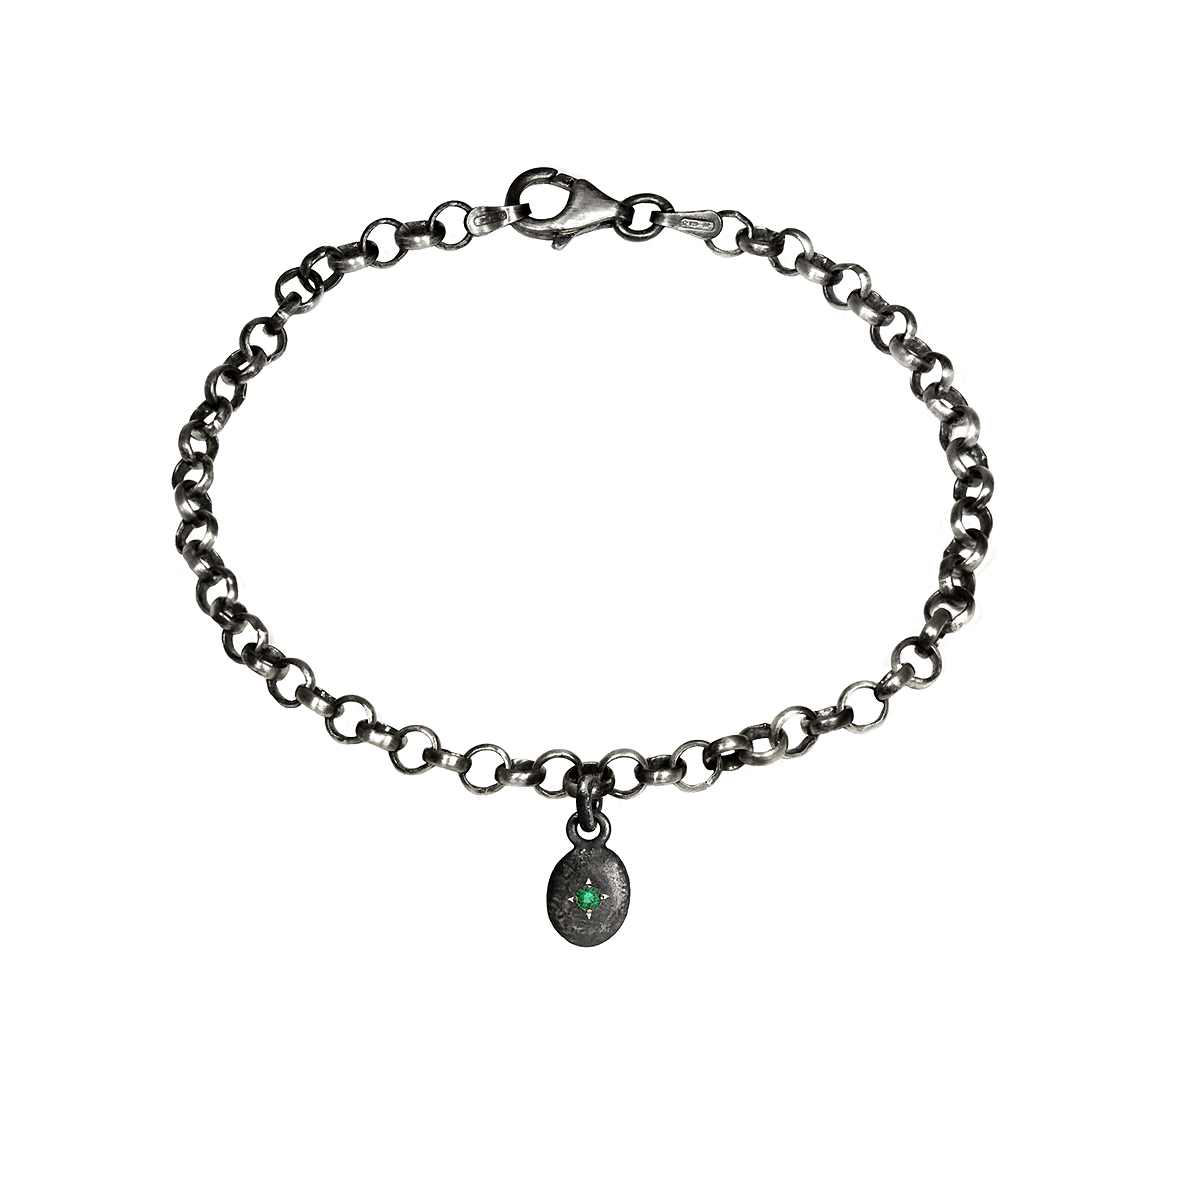 ENVY small bracelet